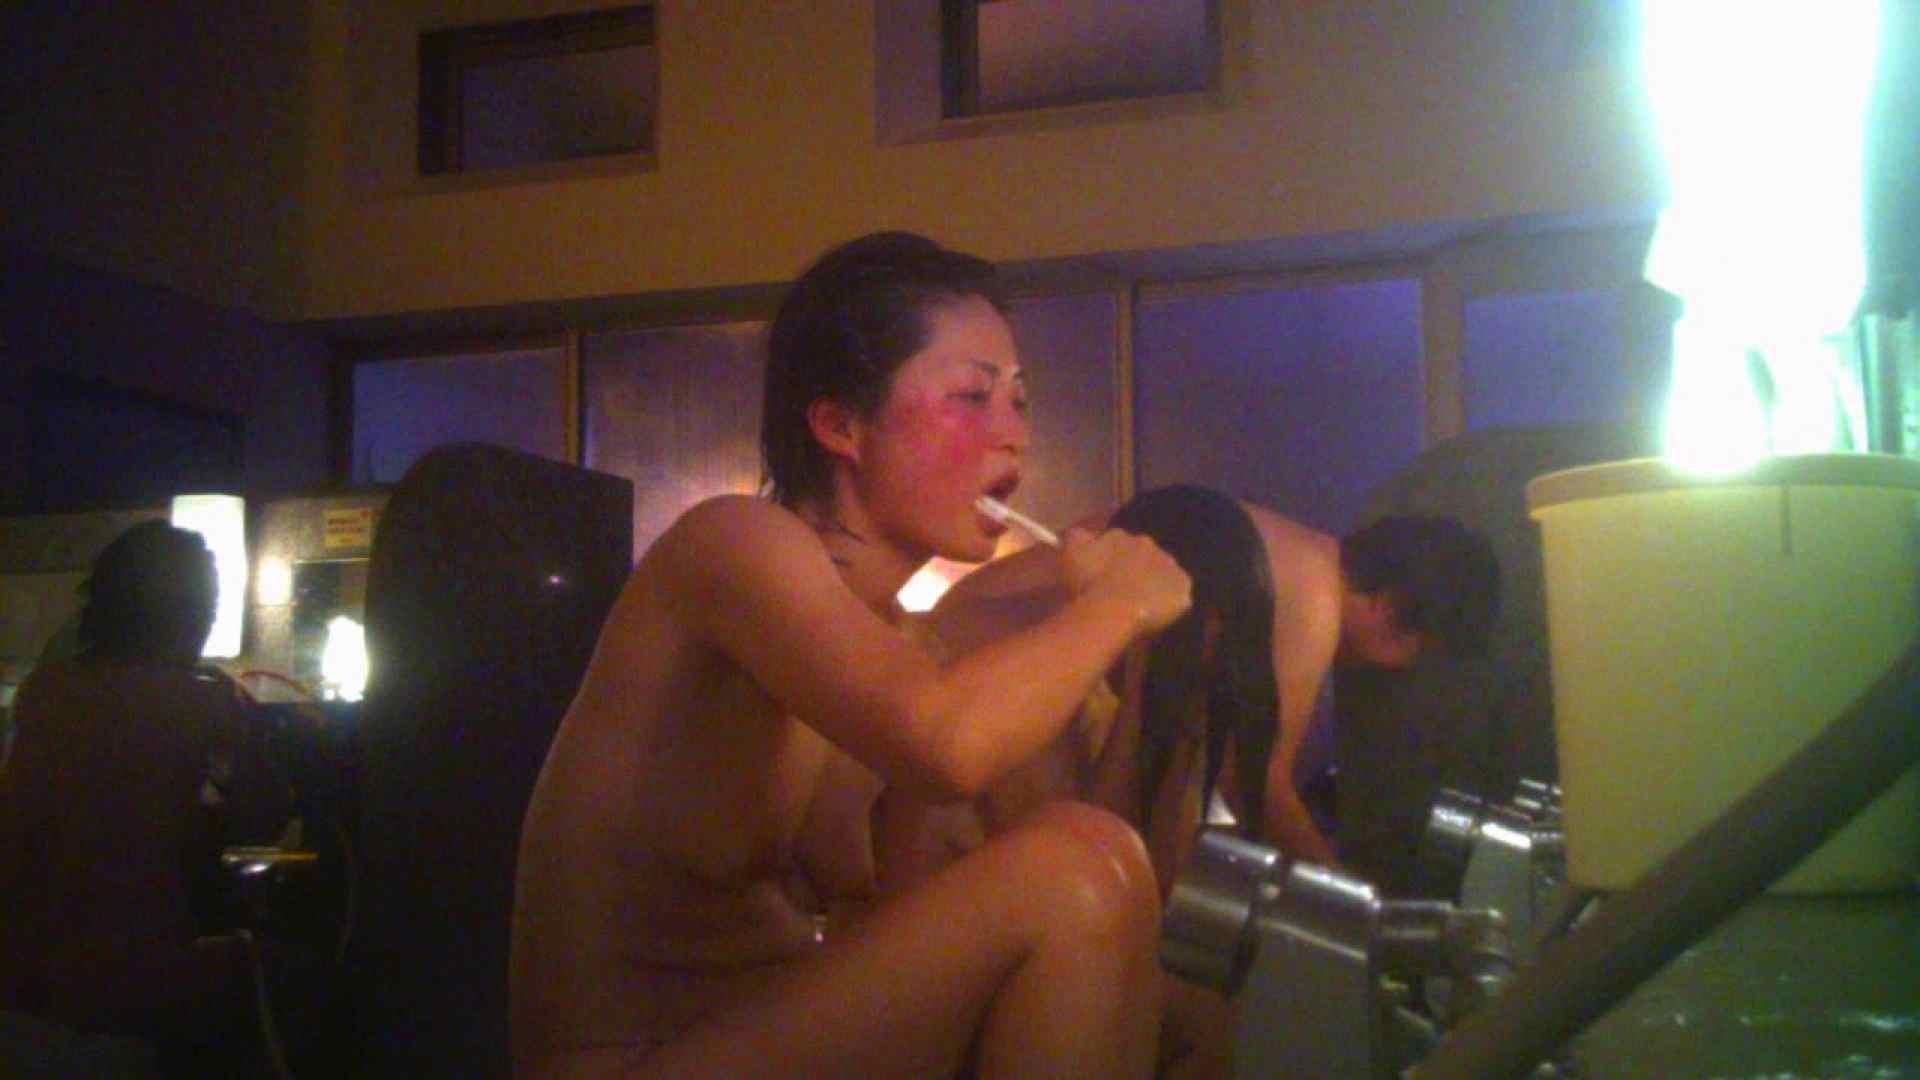 TG.21 【上等兵】井戸端会議が大好きな奥さん 垂れ乳 AV無料 69画像 69